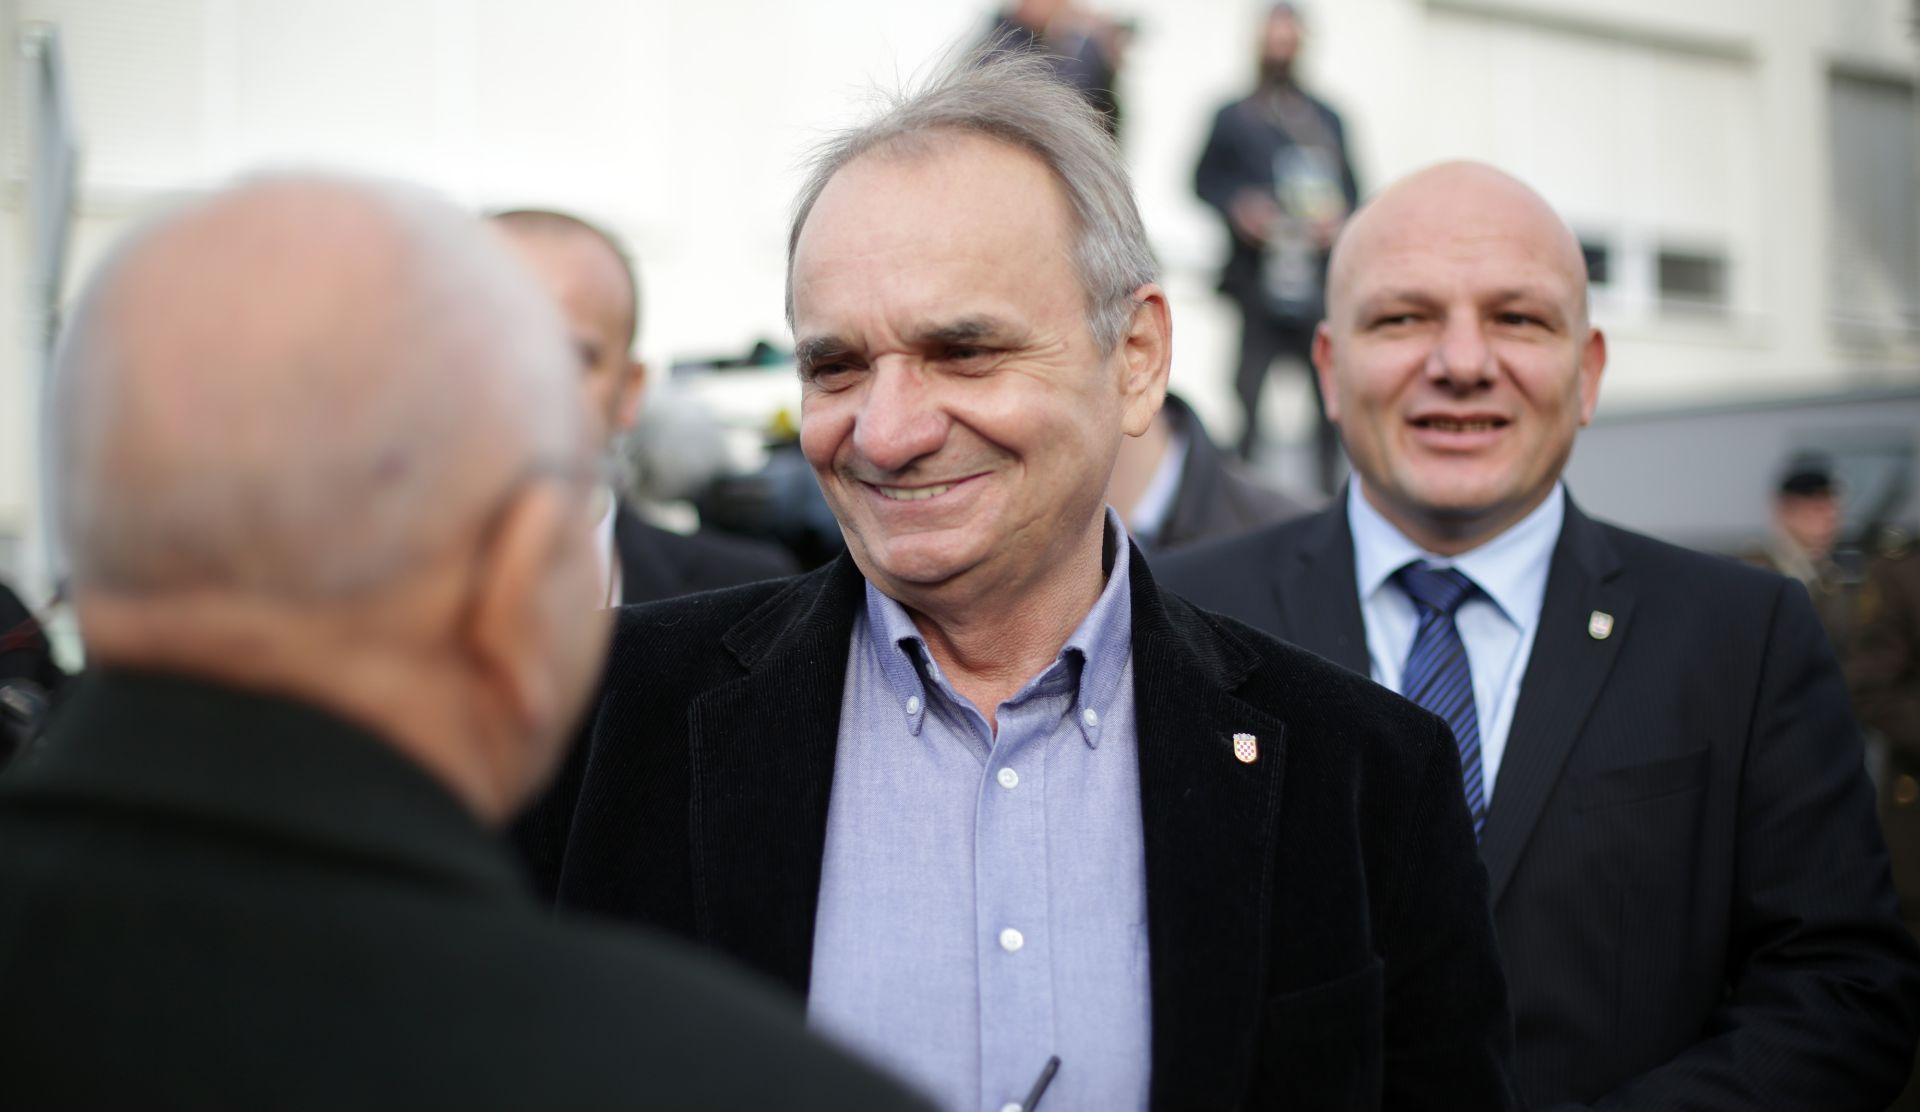 GLAVAŠ: SDP je tražio potporu za slaganje parlamentarne većine za konstituiranje Sabora, a HDZ je išao i korak dalje, tražili su potpise za formiranje Vlade